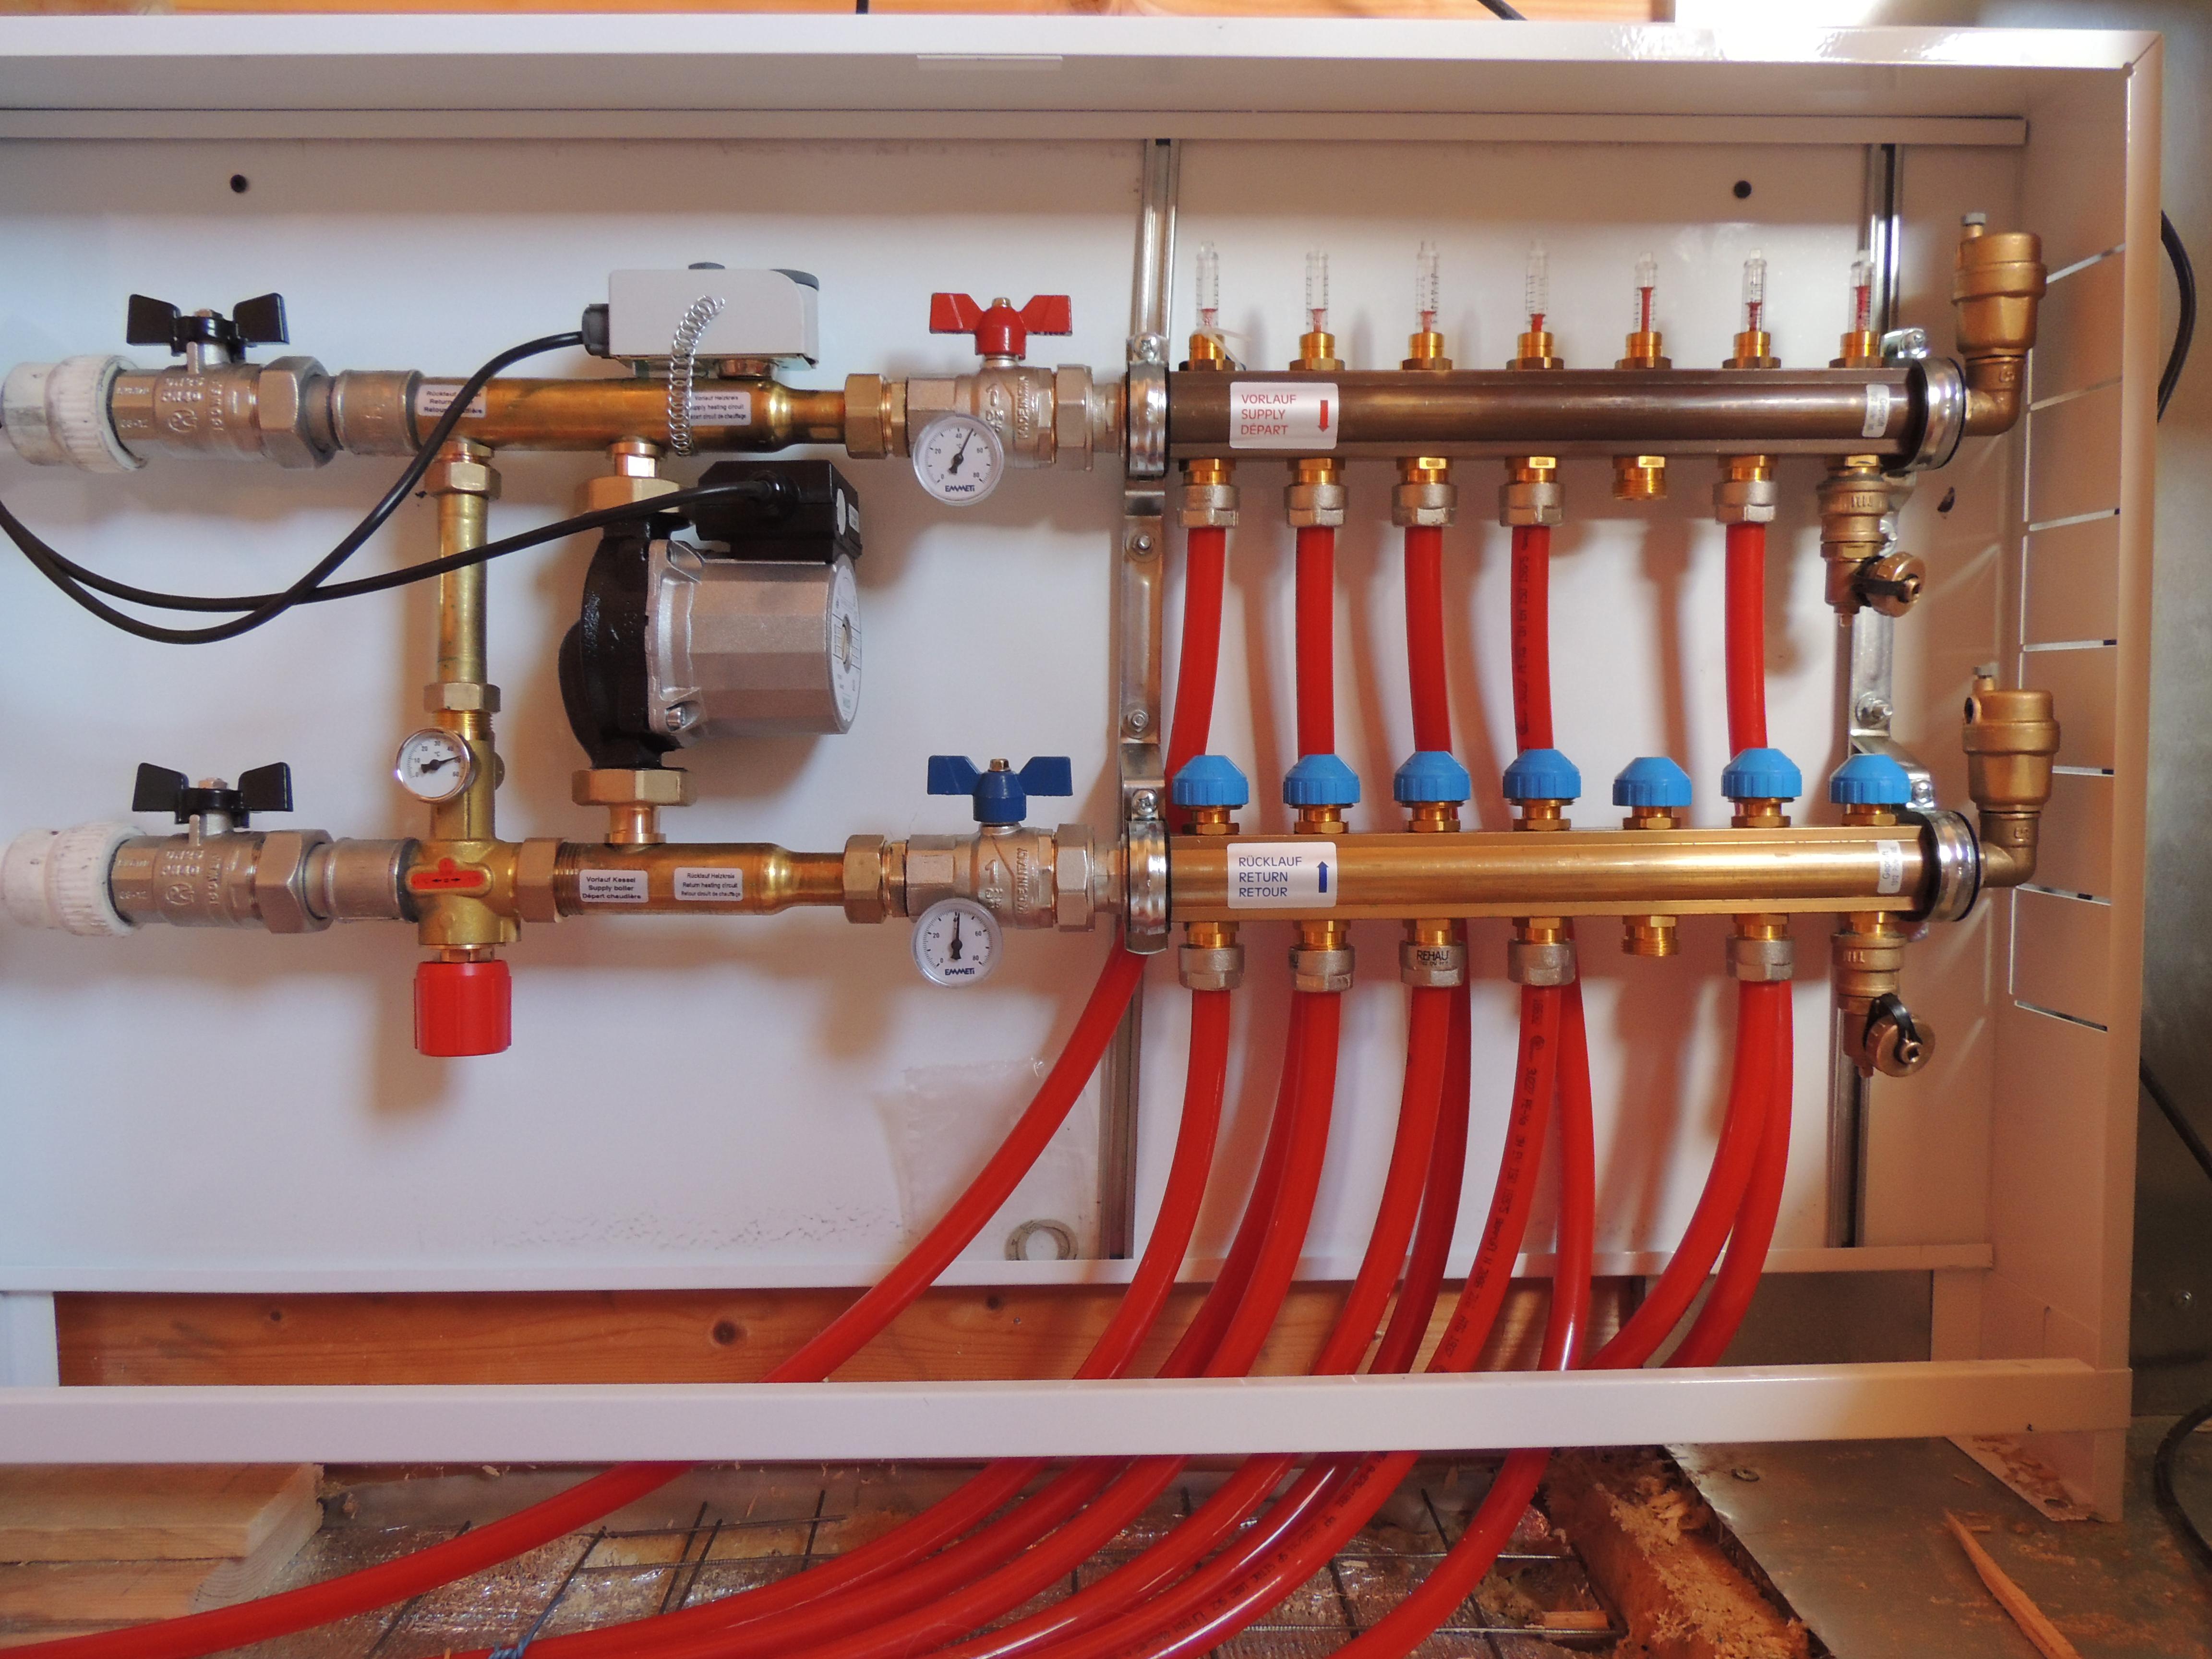 Принципы работы коллекторной системы отопления, монтаж коллекторной системы